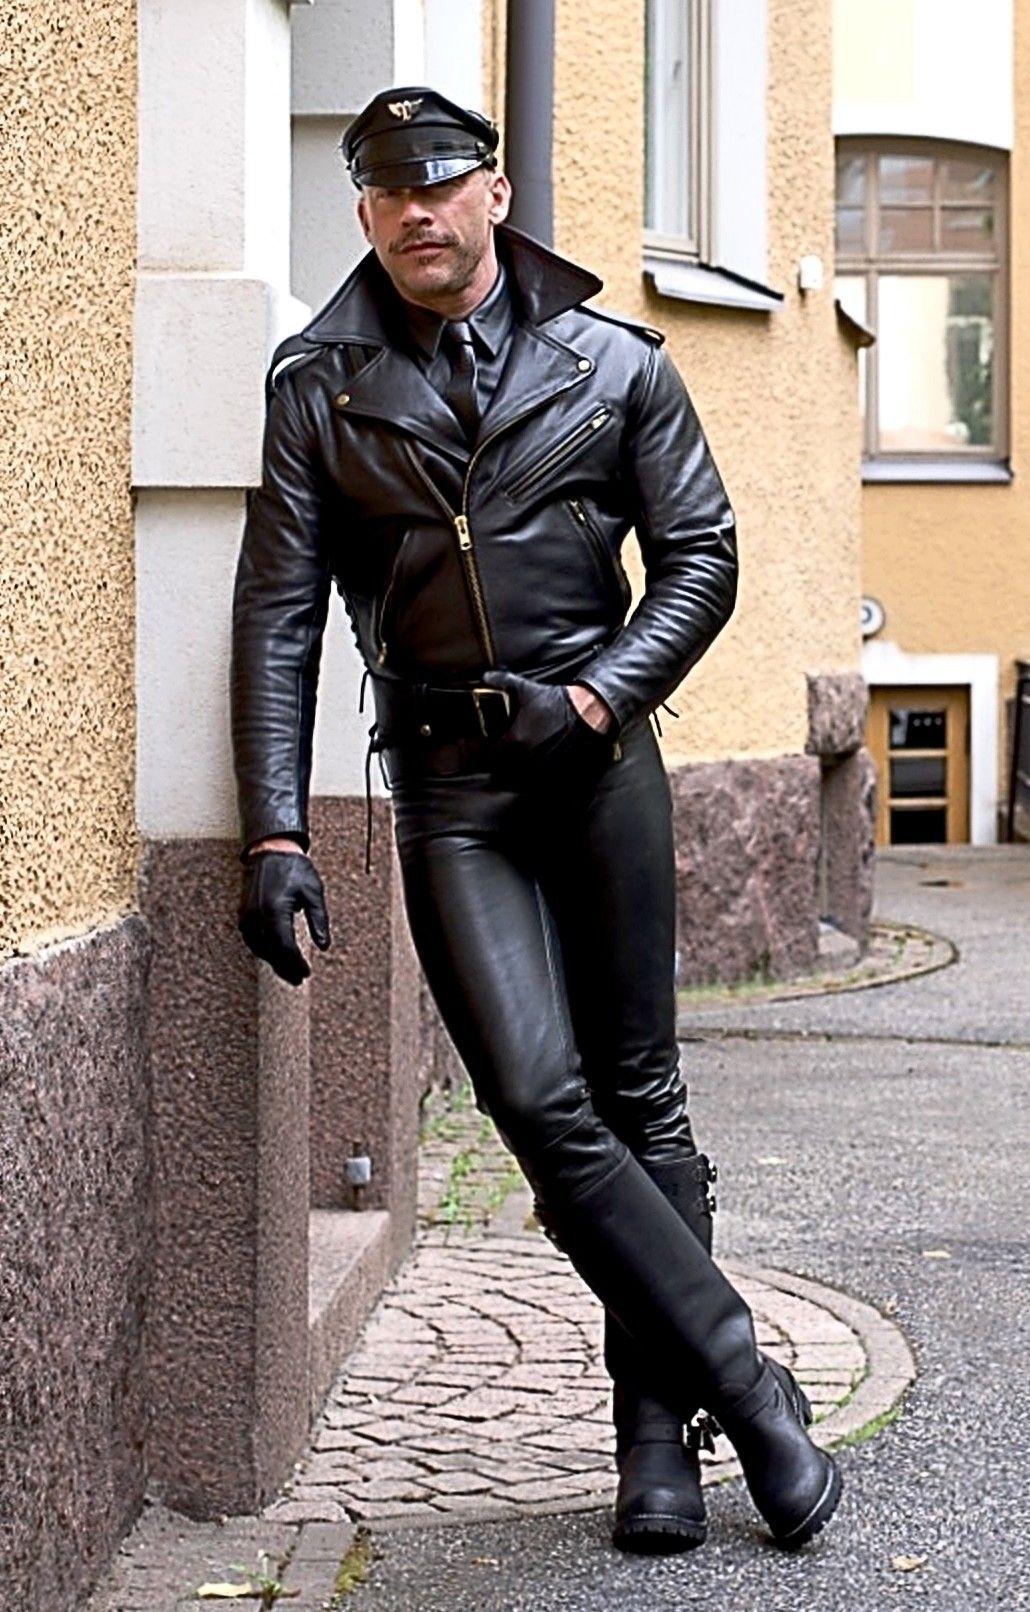 Bootssoldaten Leatherlawman The Boys Got Short Leather Jacket Men Leather Outfit Mens Leather Boots [ 1612 x 1030 Pixel ]